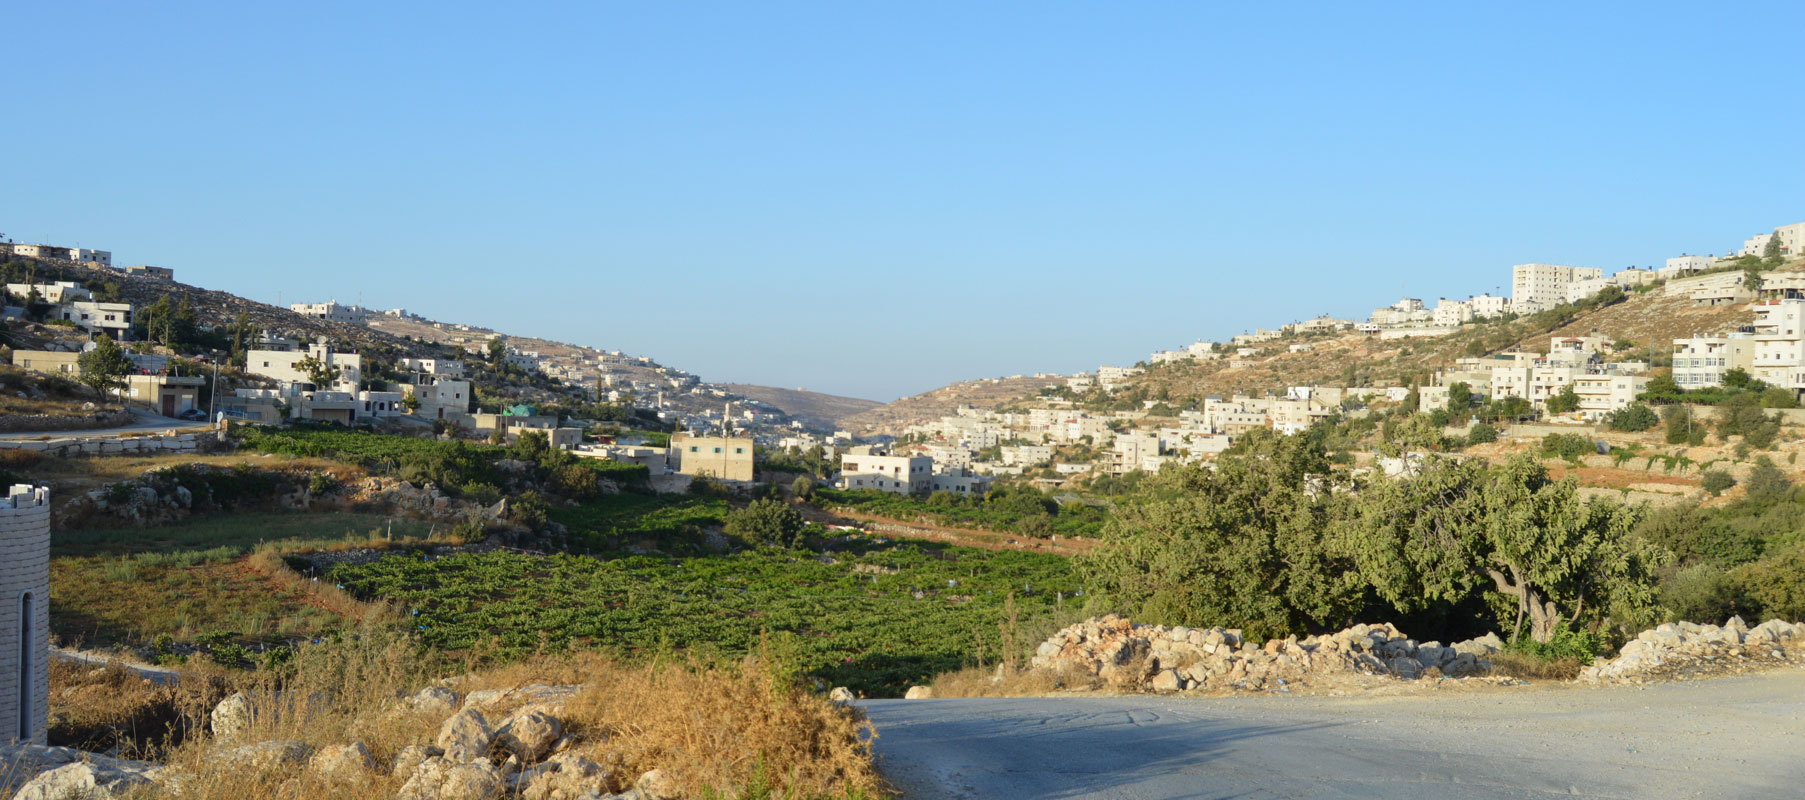 Sa'ir, Palestine